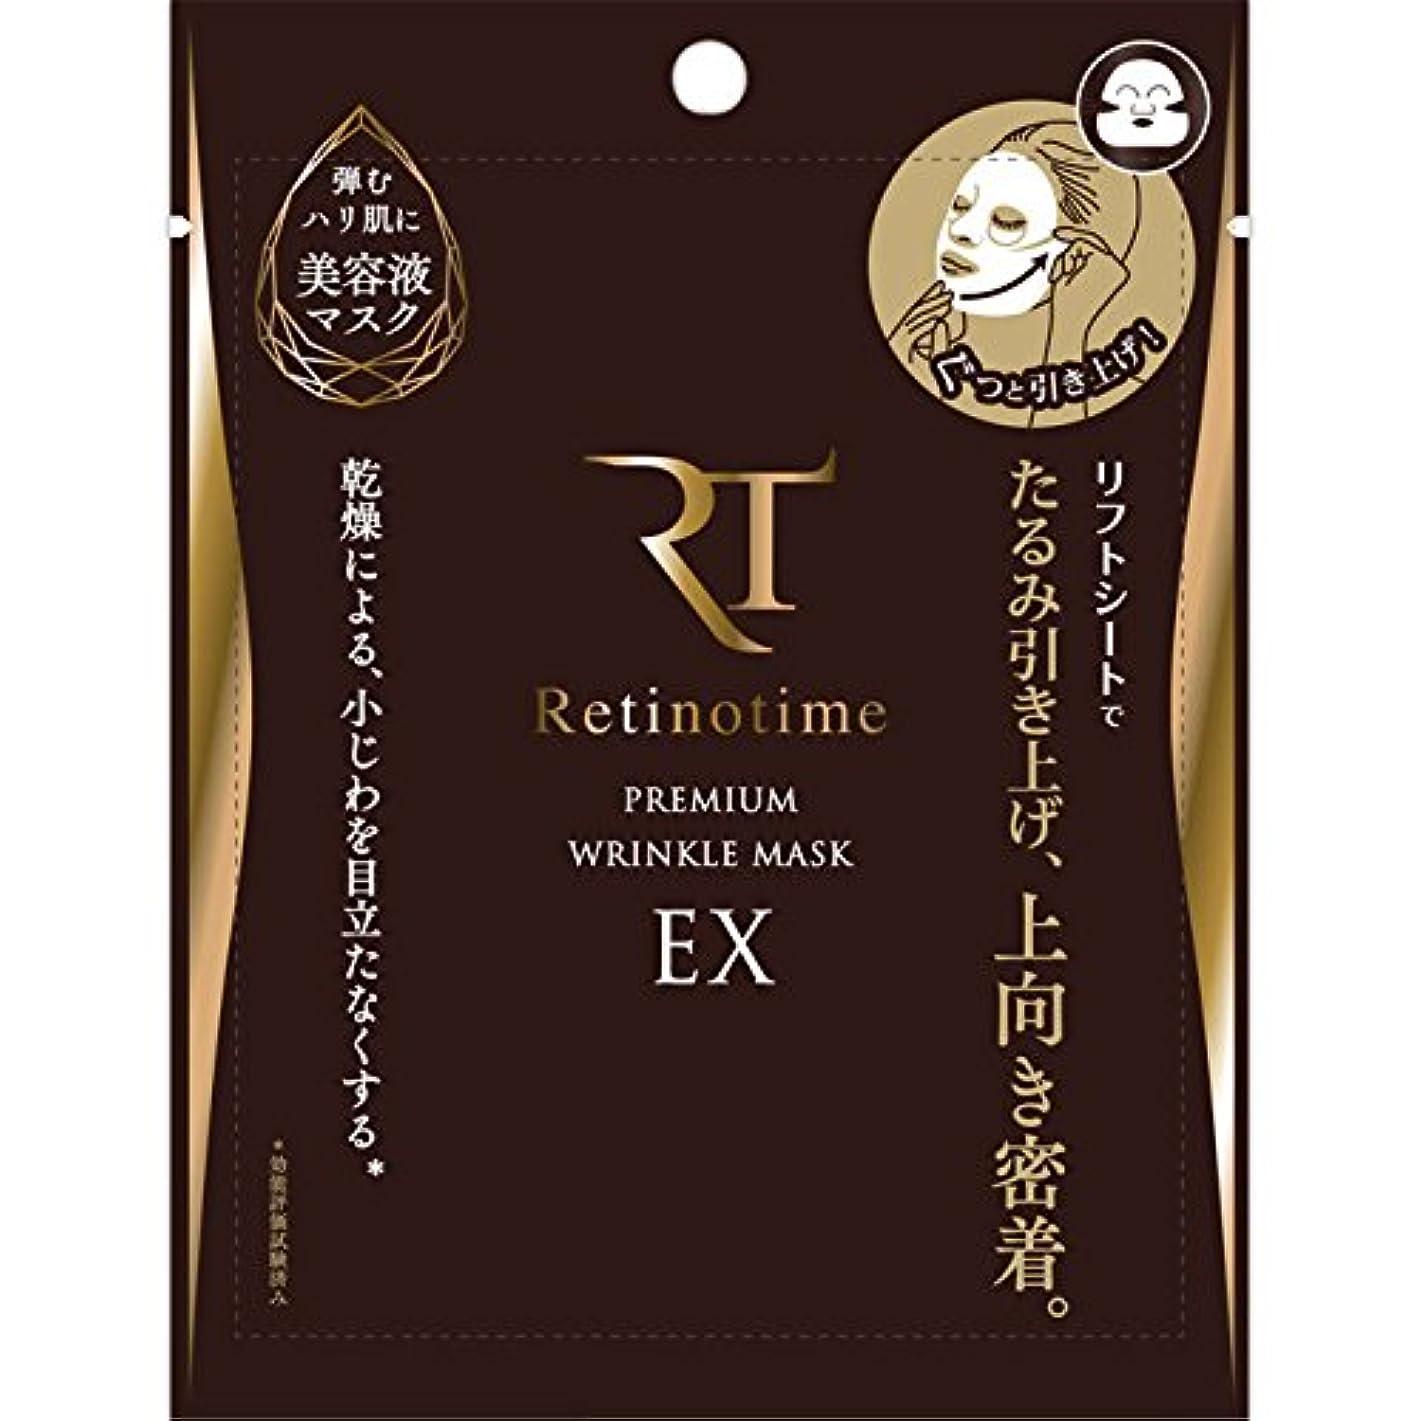 正確ジャベスウィルソン商人レチノタイム プレミアムリンクルマスク EX 1枚【26ml】